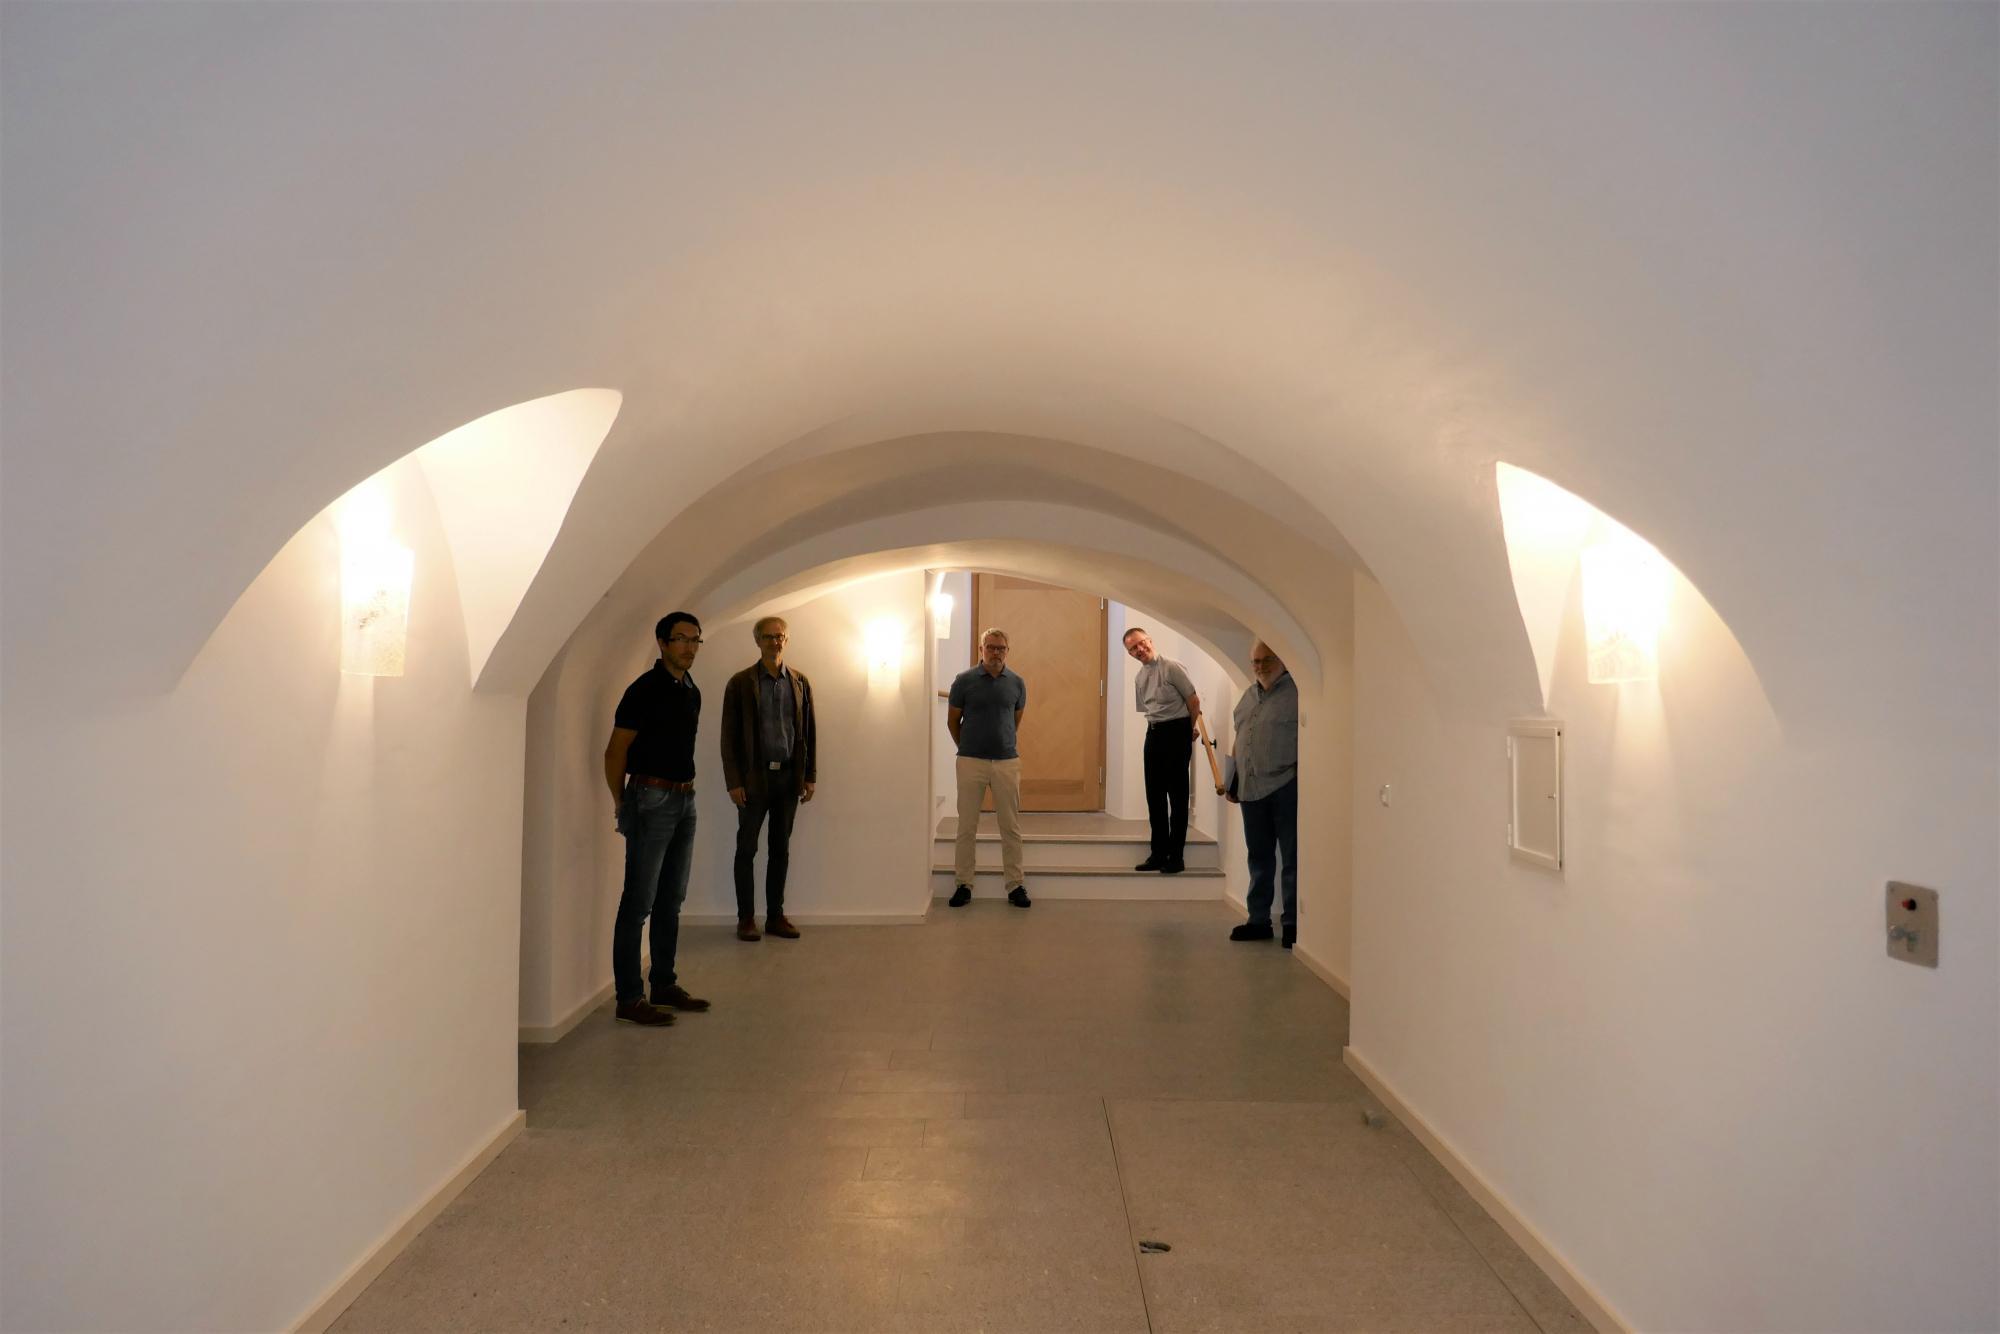 Gruppenbild unterm historischen Tonnengewölbe